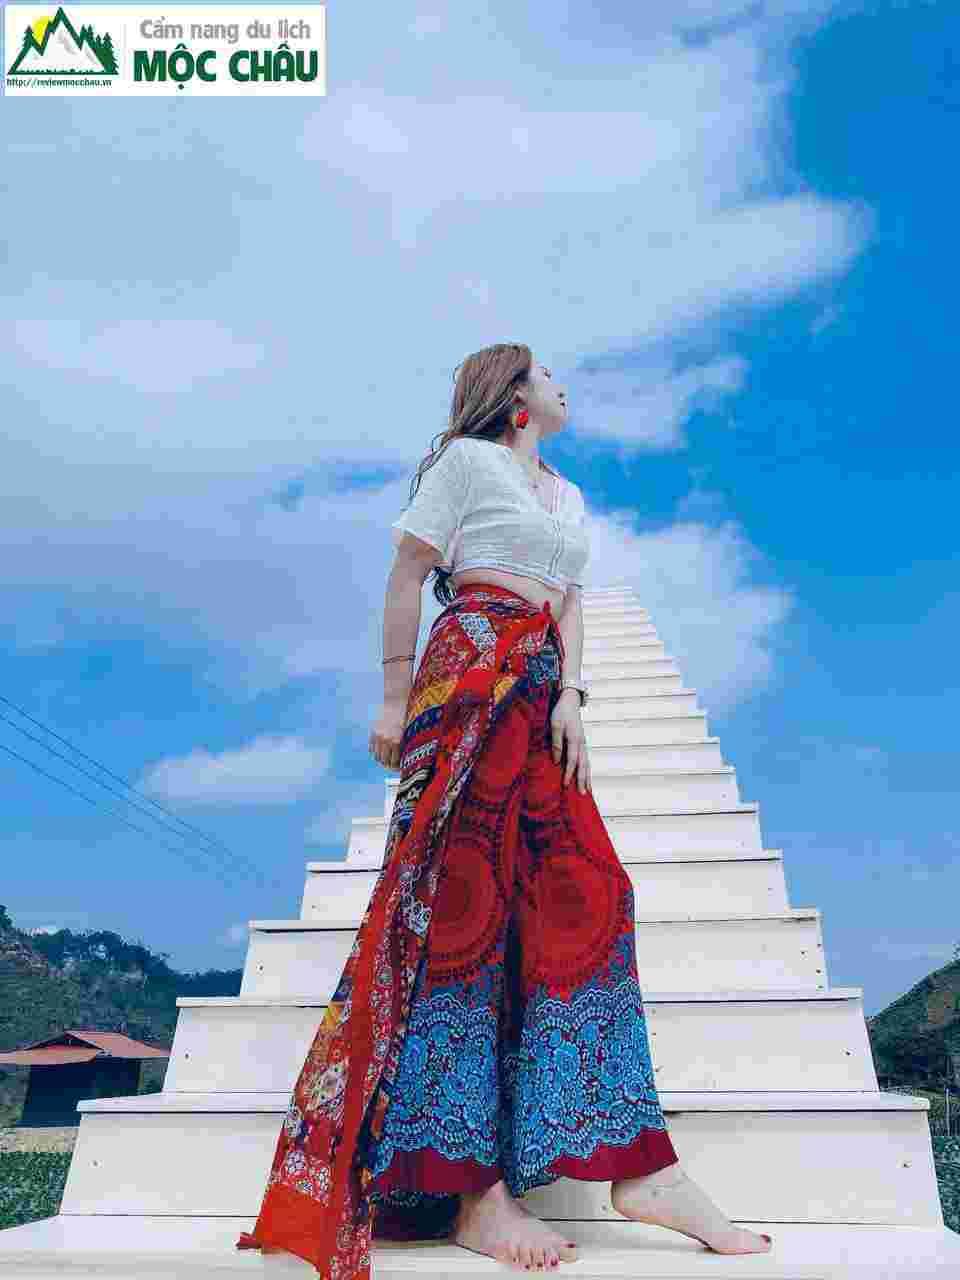 thoi trang vintage moc chau 1 161 - Tiệm cho thuê trang phục, phụ kiện boho, vintage đẹp Mộc Châu | Tiệm Nguyễn